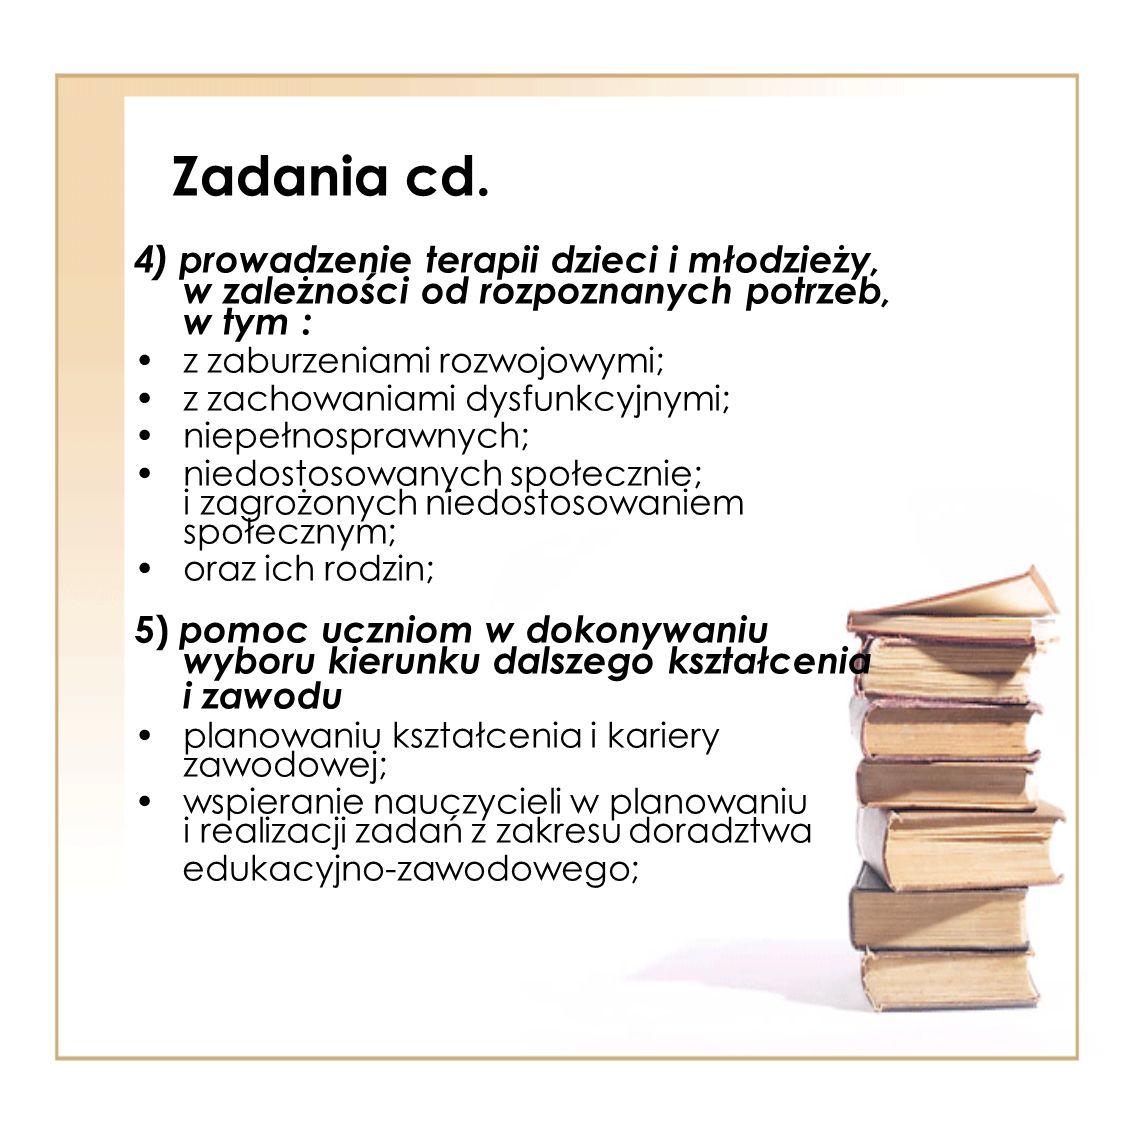 Zadania cd. 4) prowadzenie terapii dzieci i młodzieży, w zależności od rozpoznanych potrzeb, w tym :